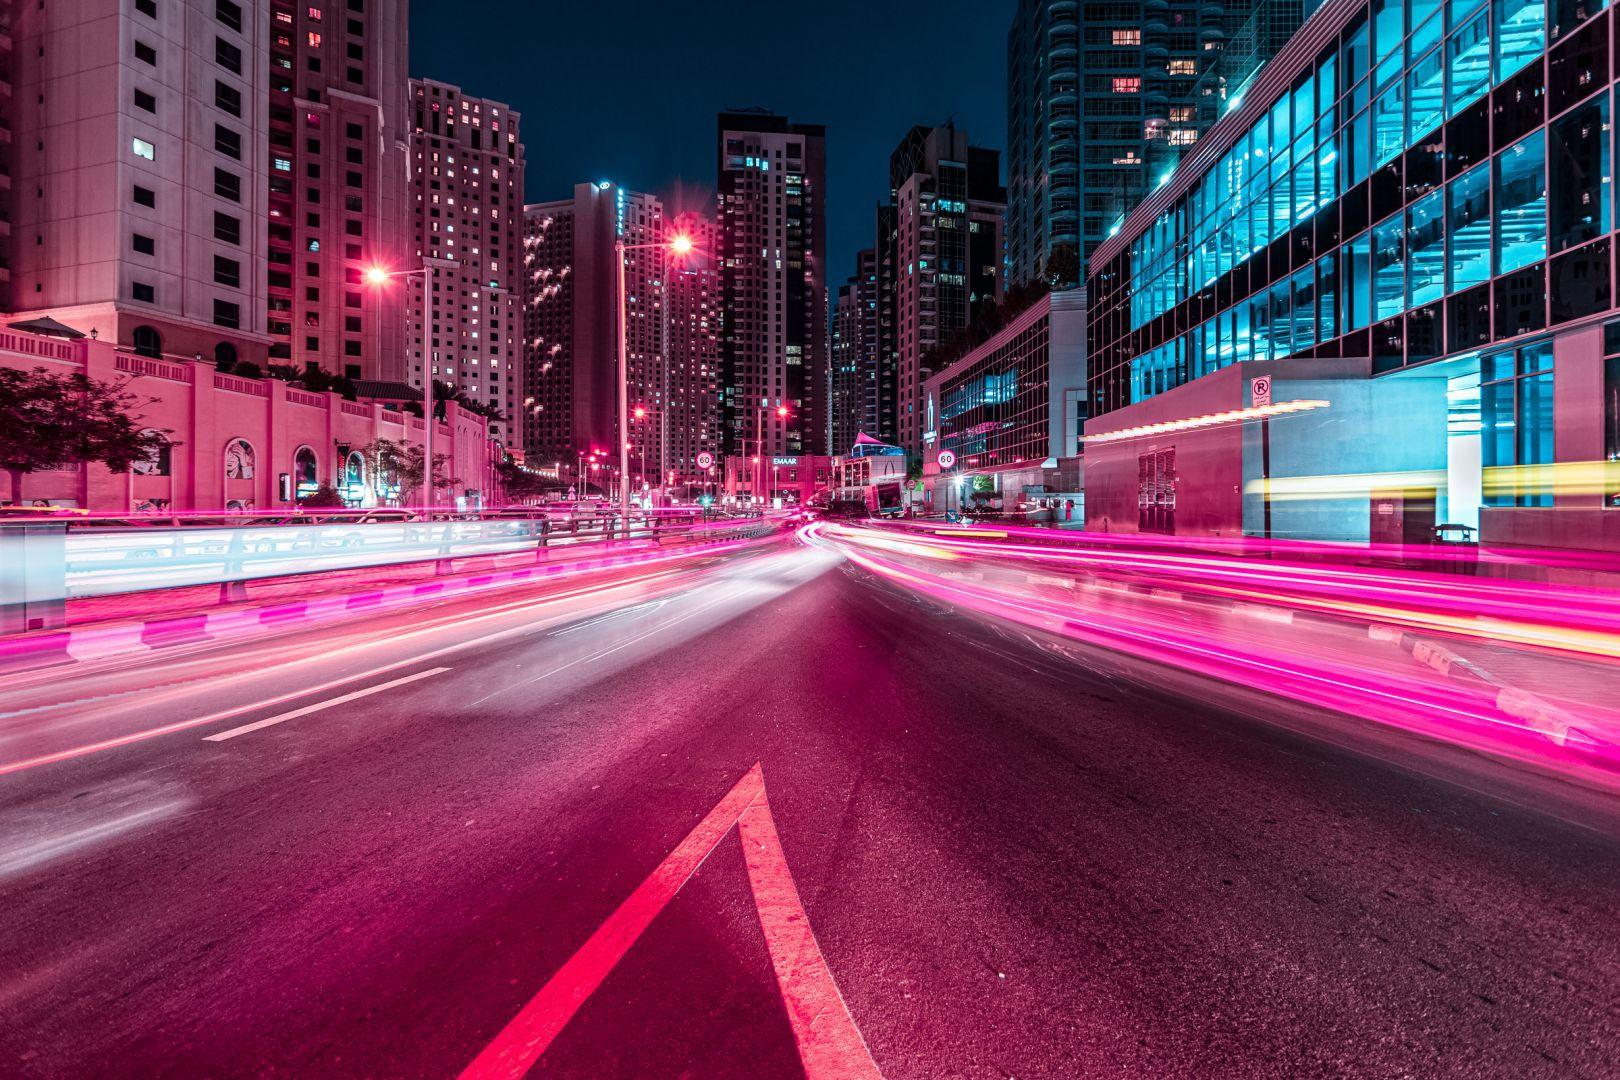 Kỹ thuật chụp ảnh tốc độ màn trập chậm khiến những phương tiện di chuyển trên đường tạo thành các vệt sáng dài ấn tượng.